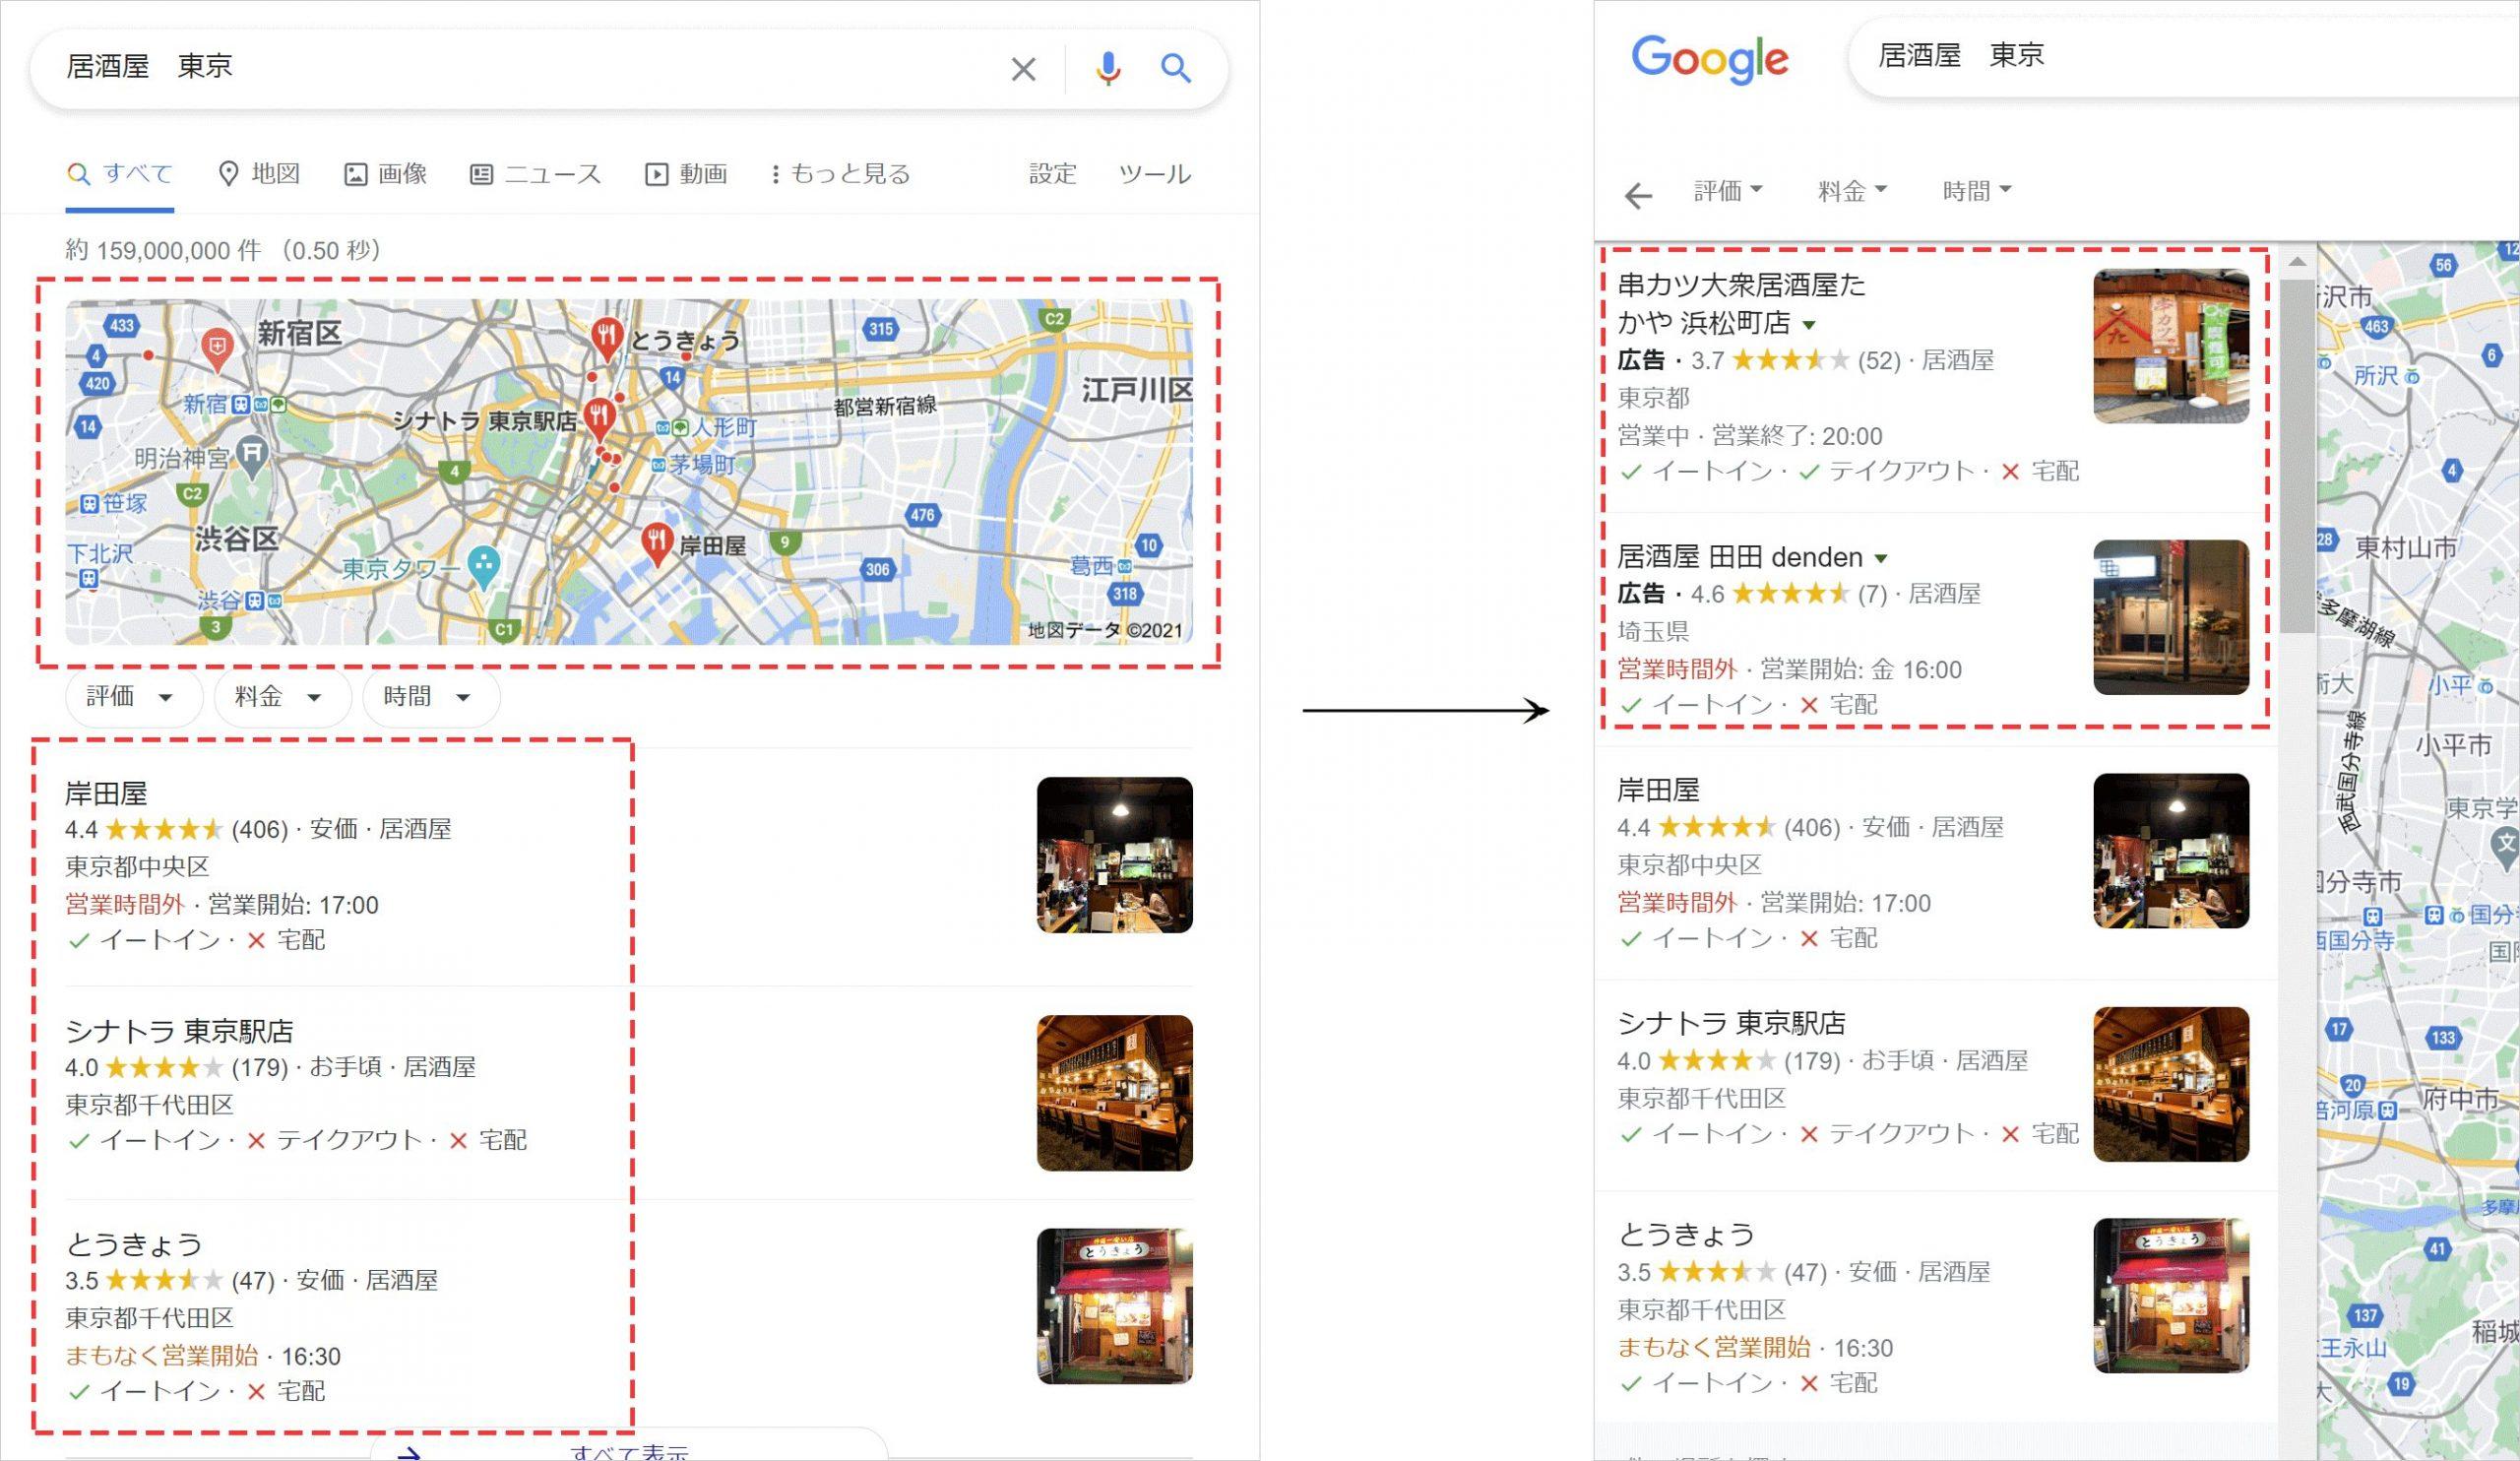 ローカル検索は、ローカル検索広告が表示される